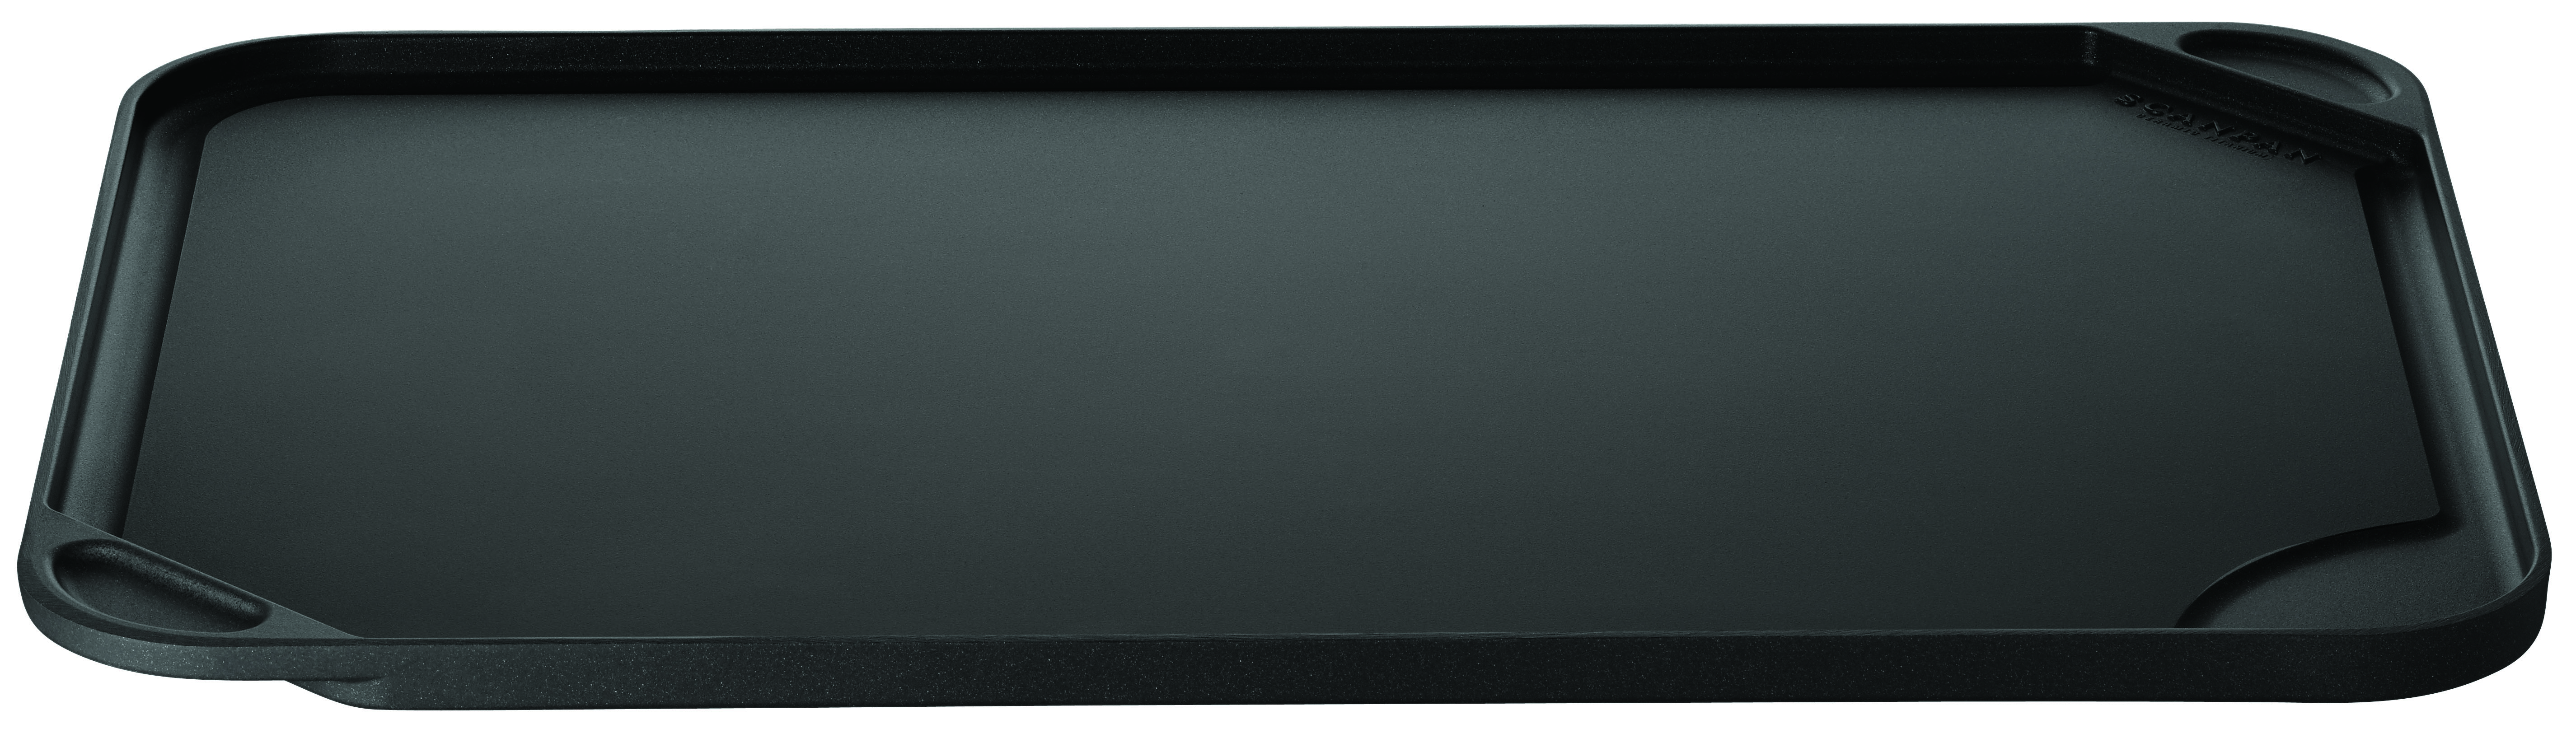 44x30cm Double Burner Griddle - Classic,